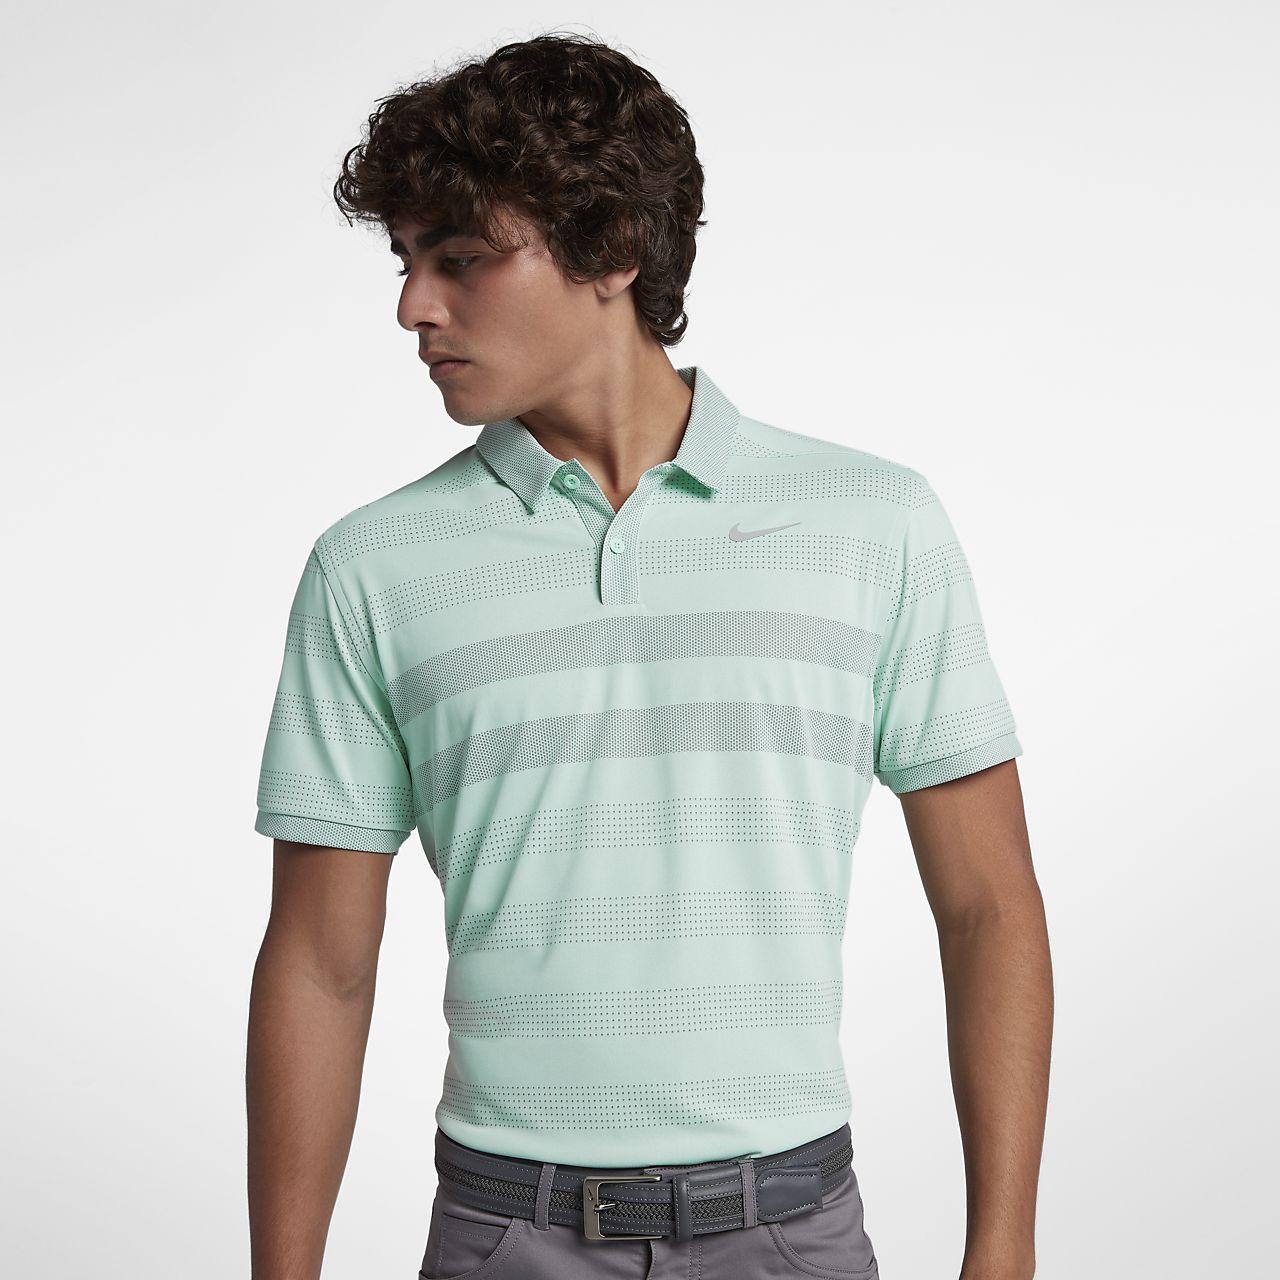 Nike TechKnit Cool csíkos férfi golfpóló